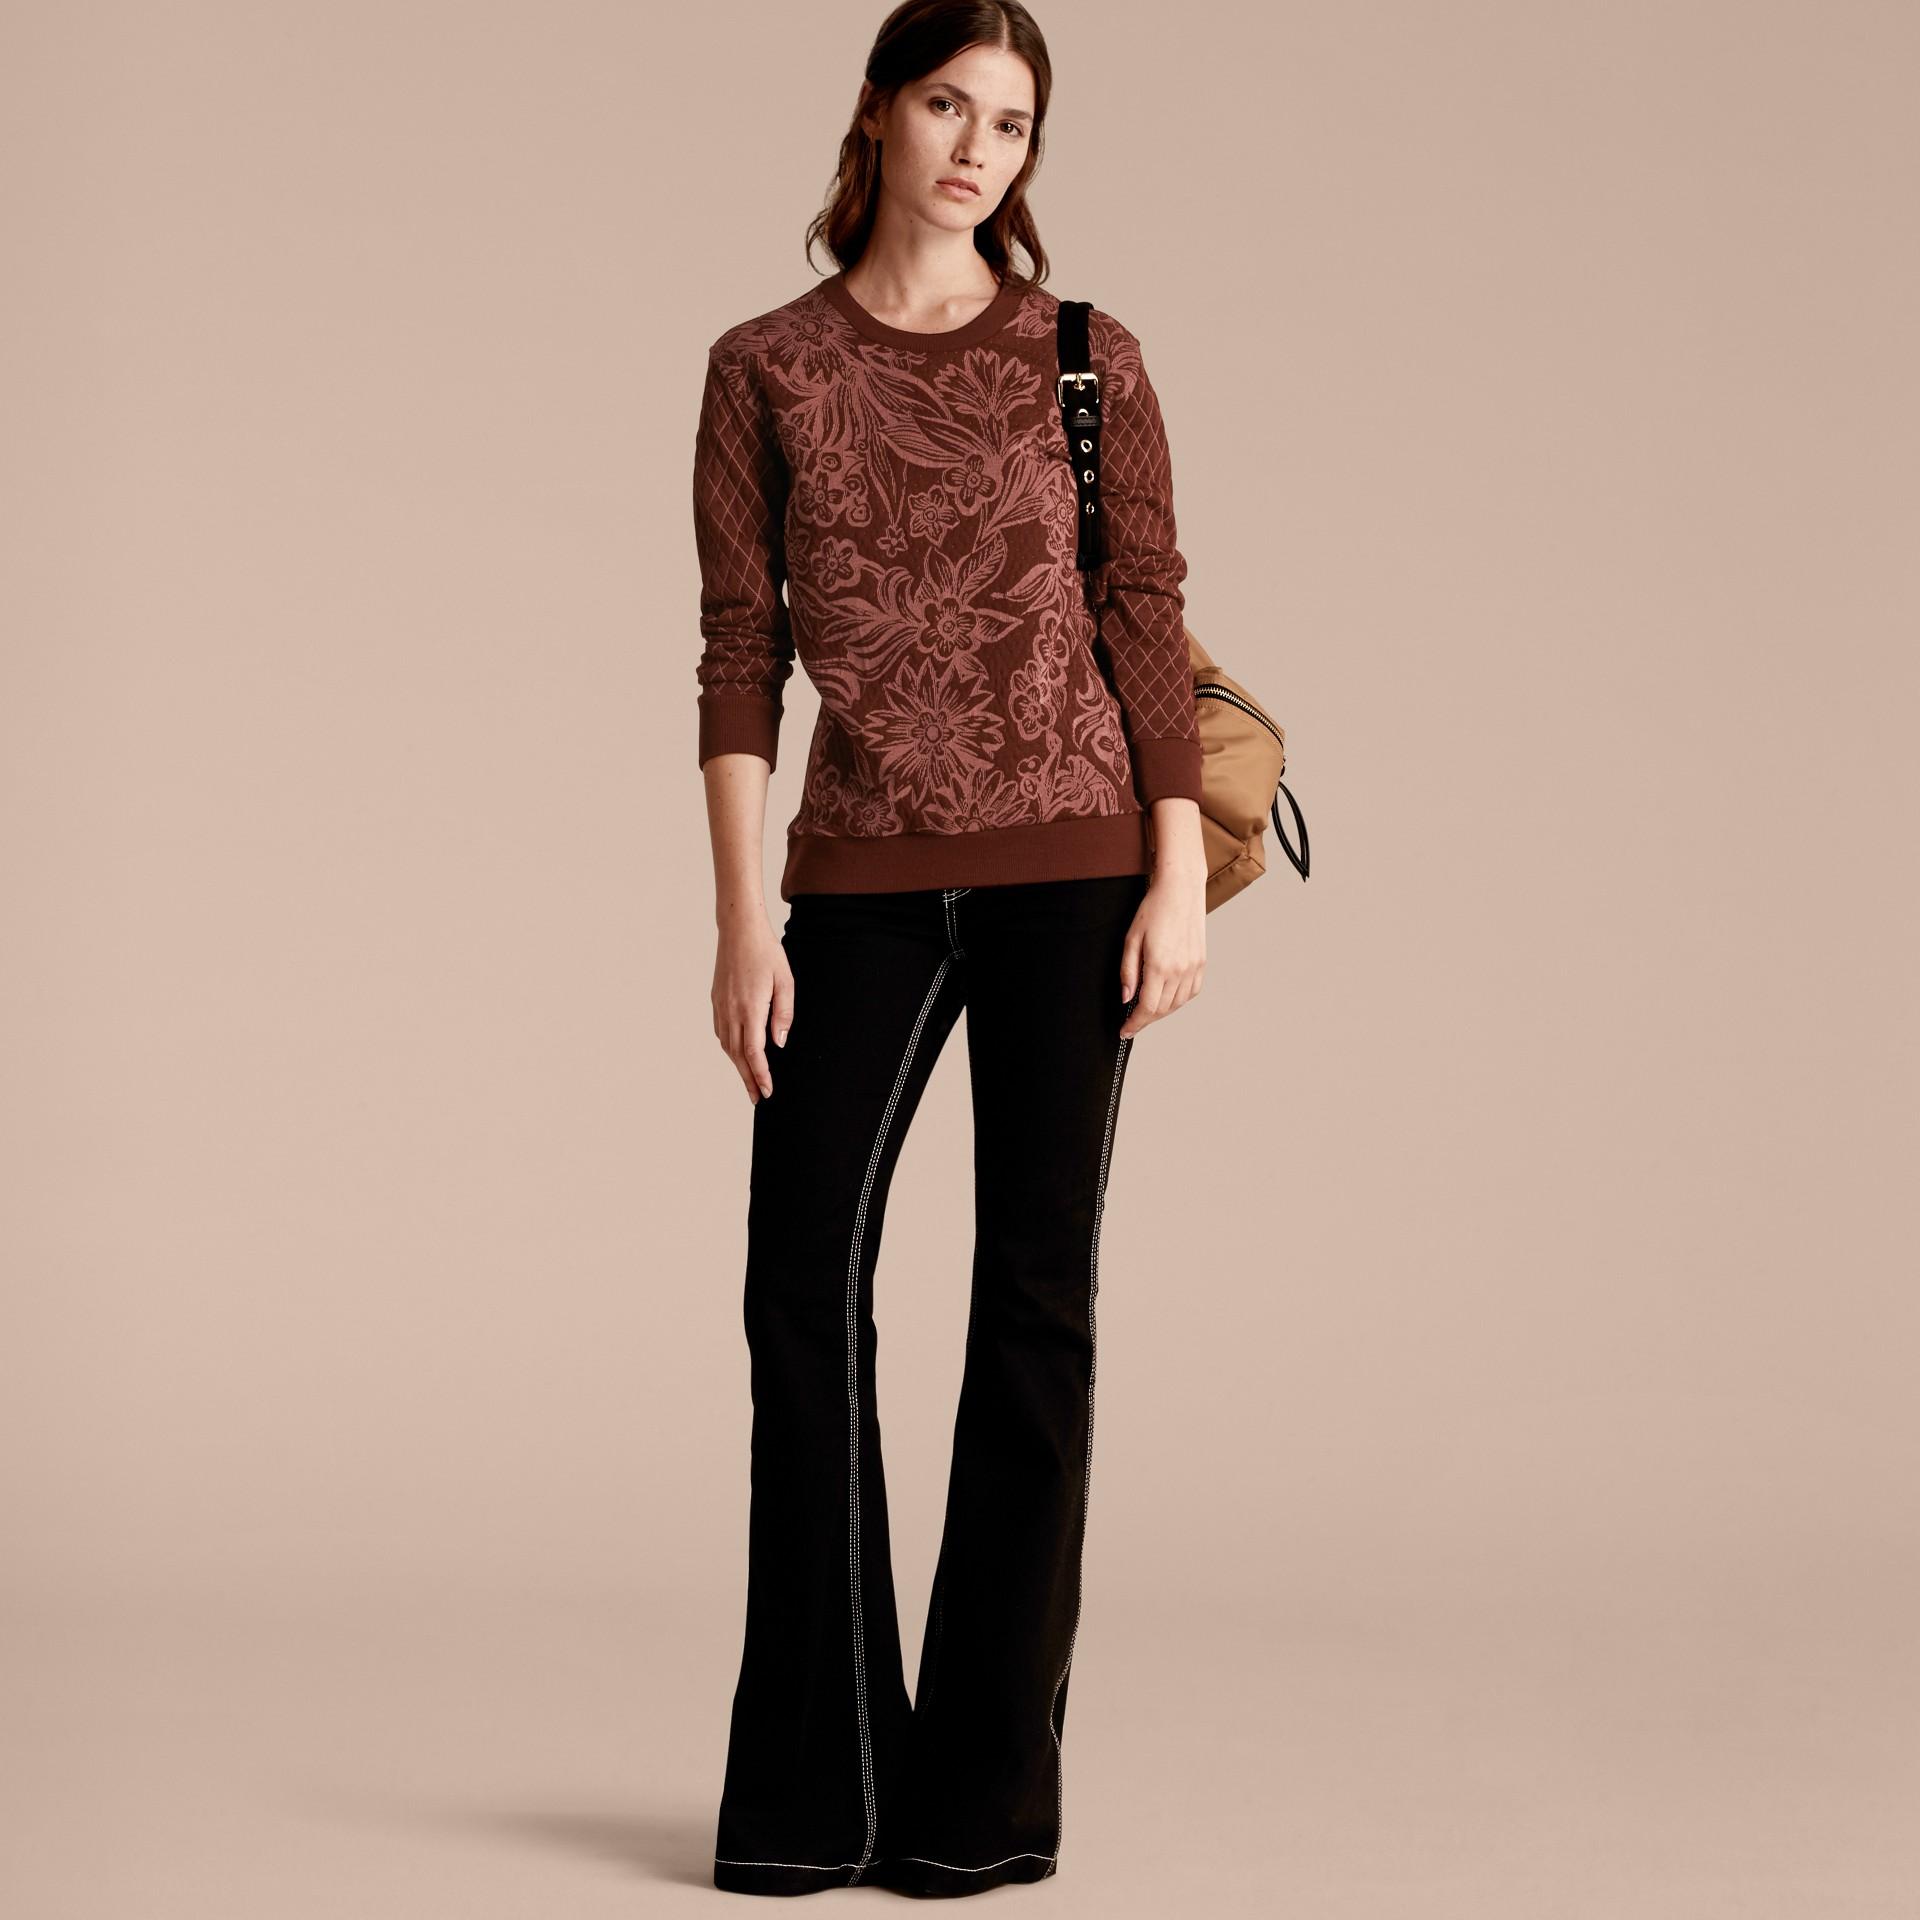 Granata Pullover in misto cotone e lana con motivo floreale in jacquard - immagine della galleria 6